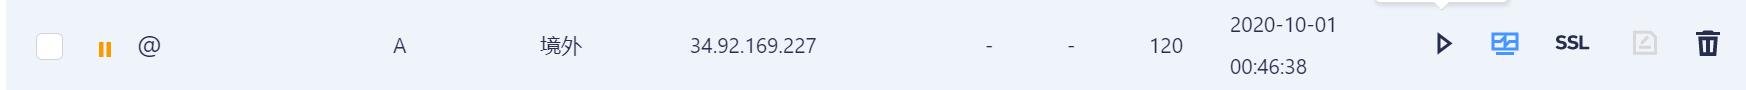 停用境外A记录,使用默认指向cloudflare的记录